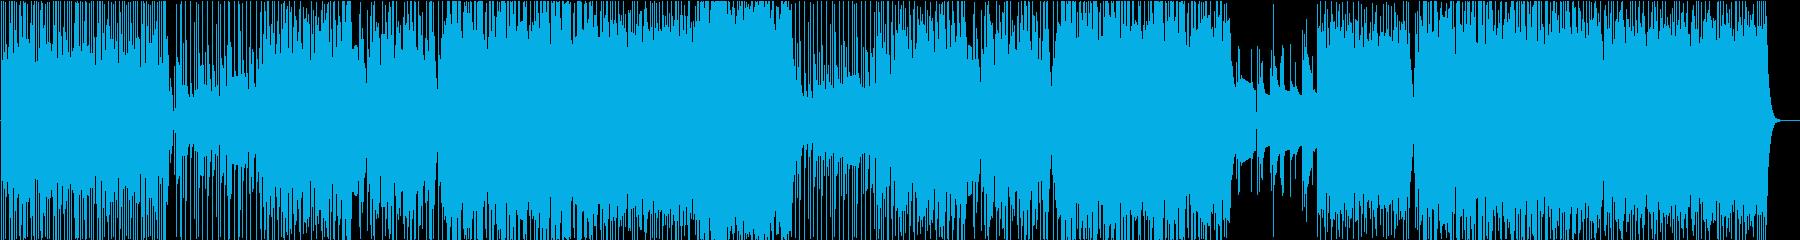 感謝の気持ちを伝える感動的ポップロックの再生済みの波形